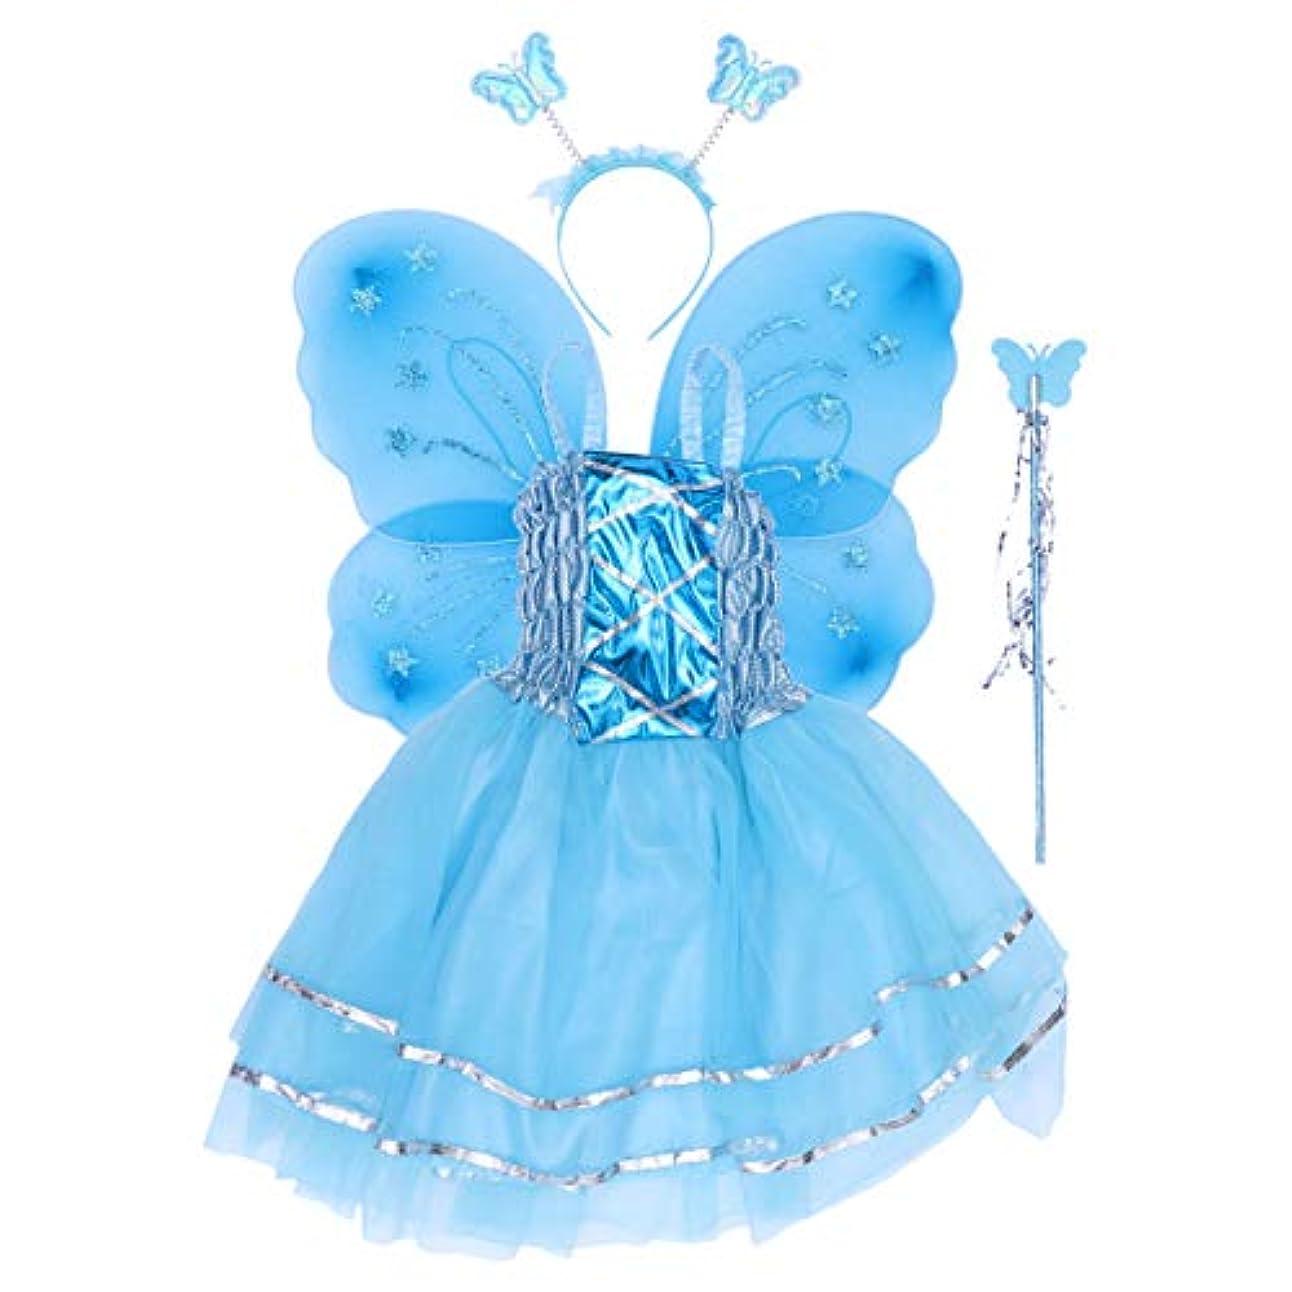 どれか義務づける不名誉なBESTOYARD 蝶の羽、ワンド、ヘッドバンド、ツツードレス(スカイブルー)と4個の女の子バタフライプリンセス妖精のコスチュームセット